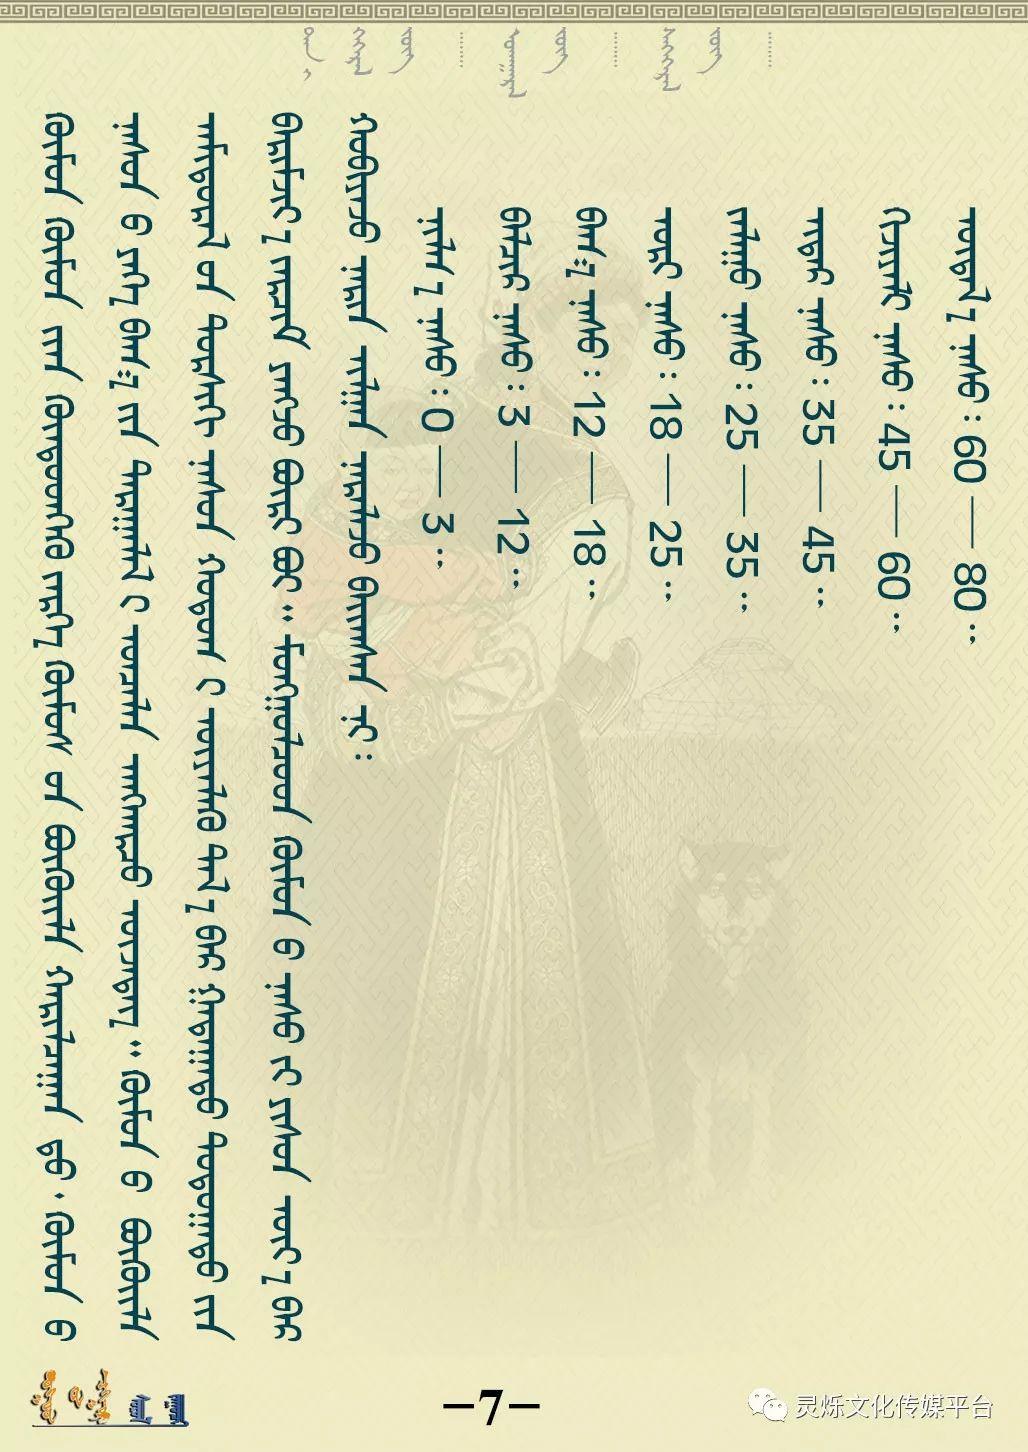 【蒙古民俗】 ᠮᠣᠩᠭᠣᠯ ᠤᠬᠠᠭᠠᠨ ᠬᠢᠭᠡᠳ ᠭᠡᠷᠤᠨ ᠰᠤᠷᠭᠠᠯ ᠬᠥᠮᠥᠵᠢᠯ 2 第7张